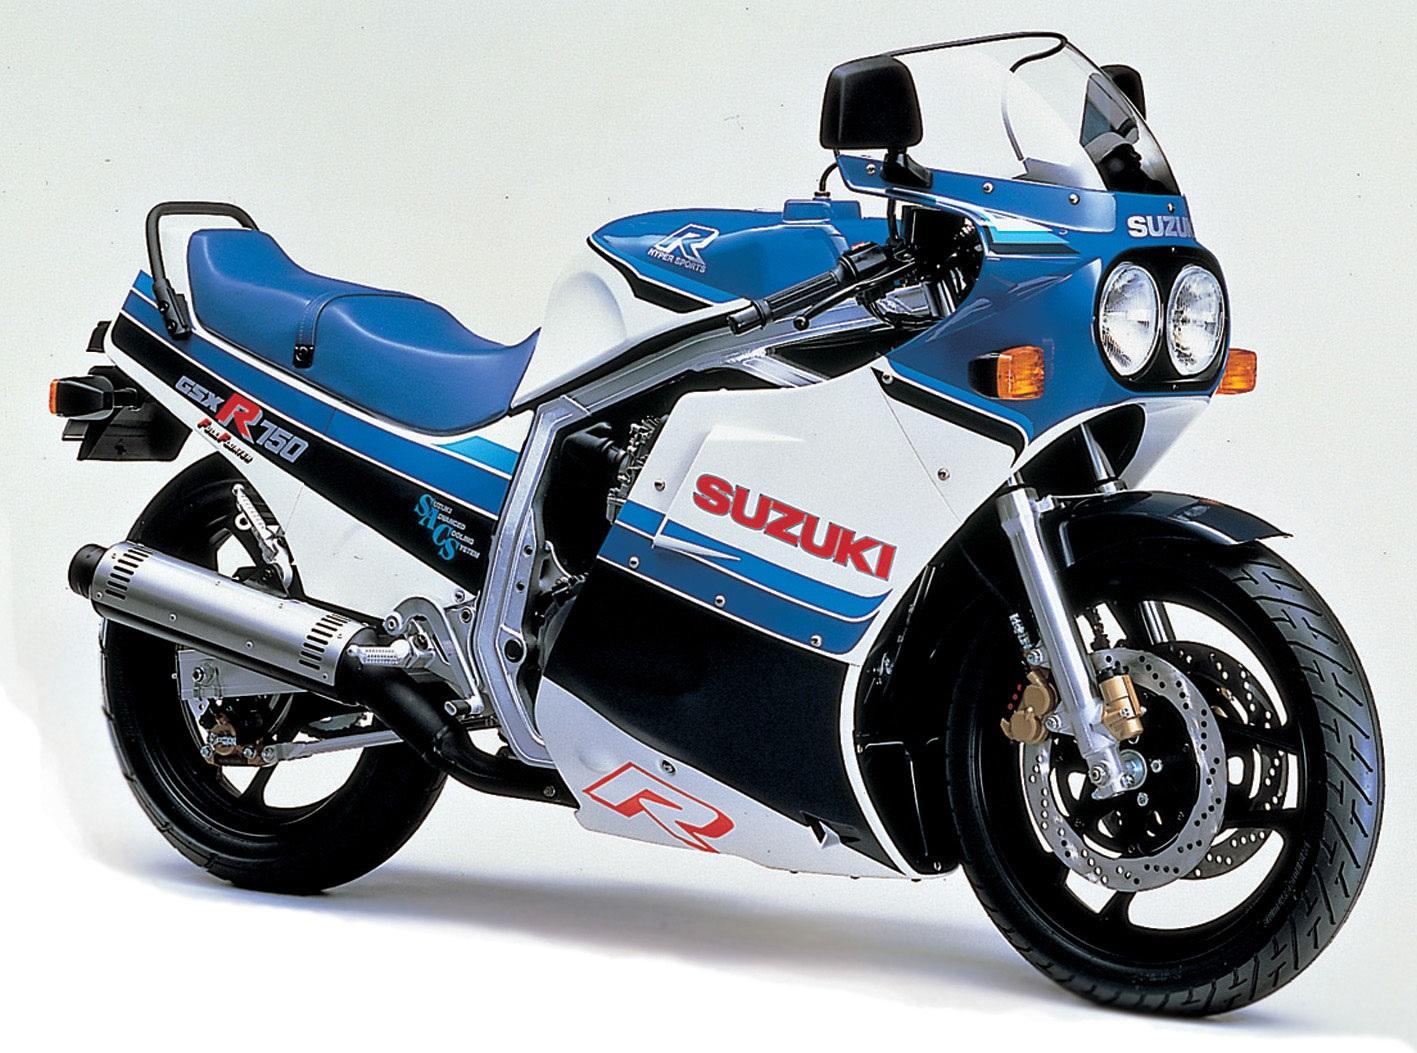 1986 Suzuki GSX-R750 Side View